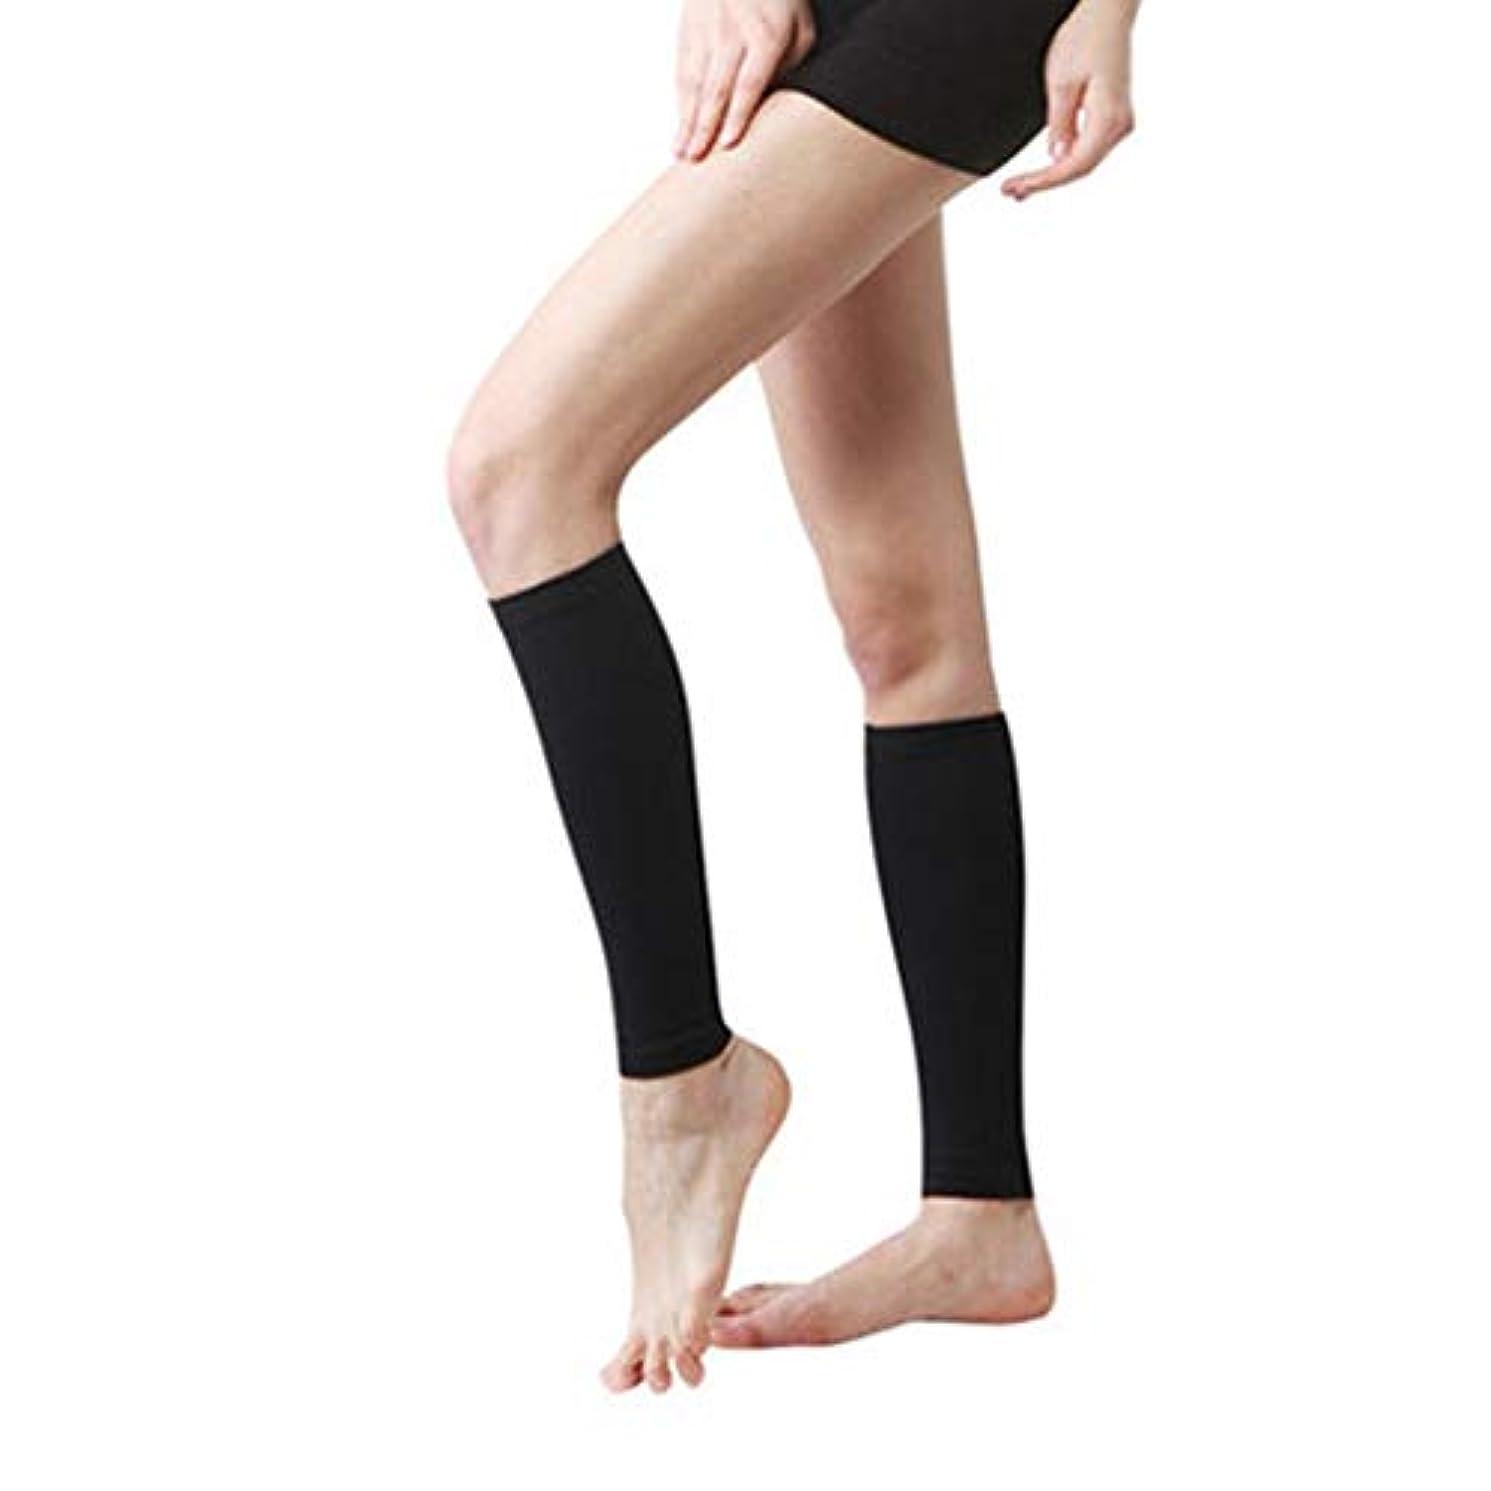 隣接取り戻す特許丈夫な男性女性プロの圧縮靴下通気性のある旅行活動看護師用シンススプリントフライトトラベル - ブラック